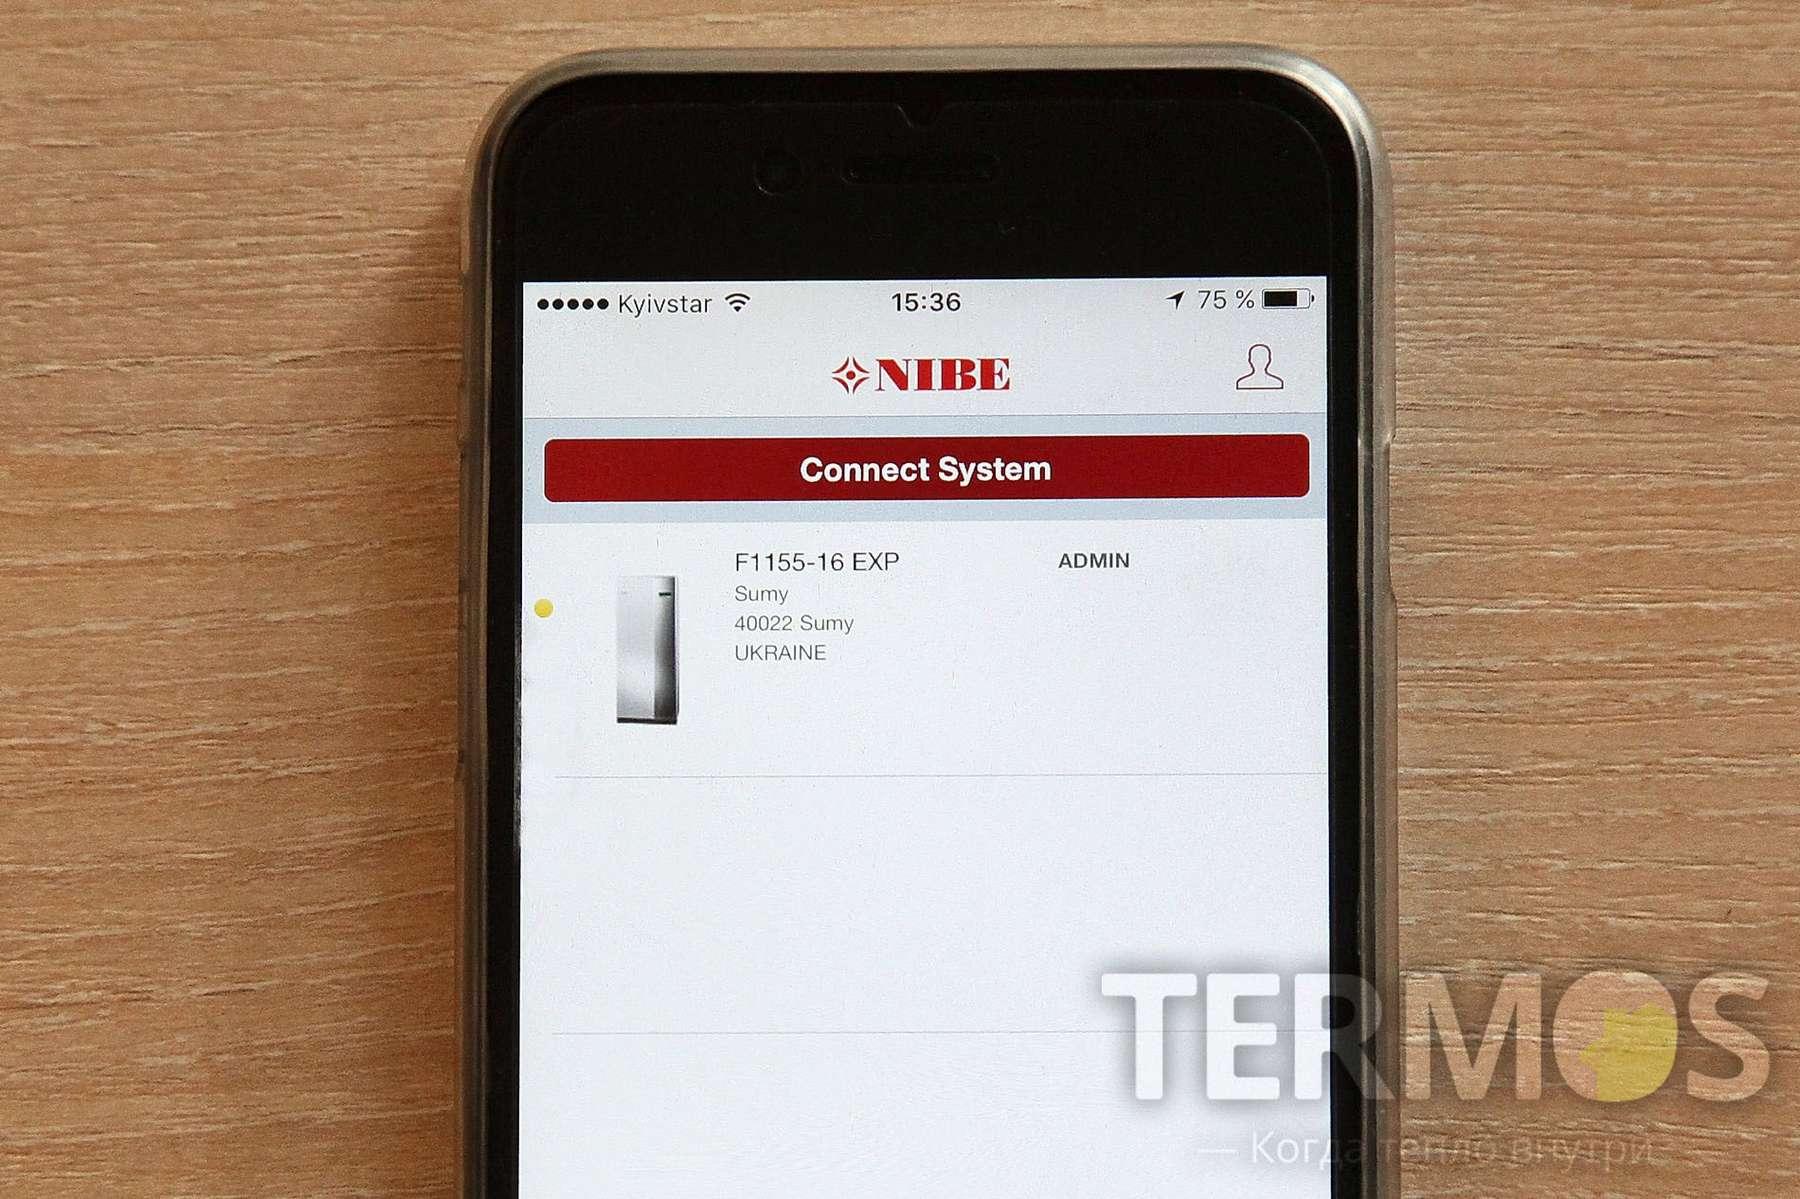 Тепловые насосы NIBE, позволяют бесплатно контролировать работу системы отопления и теплового насоса через интернет.